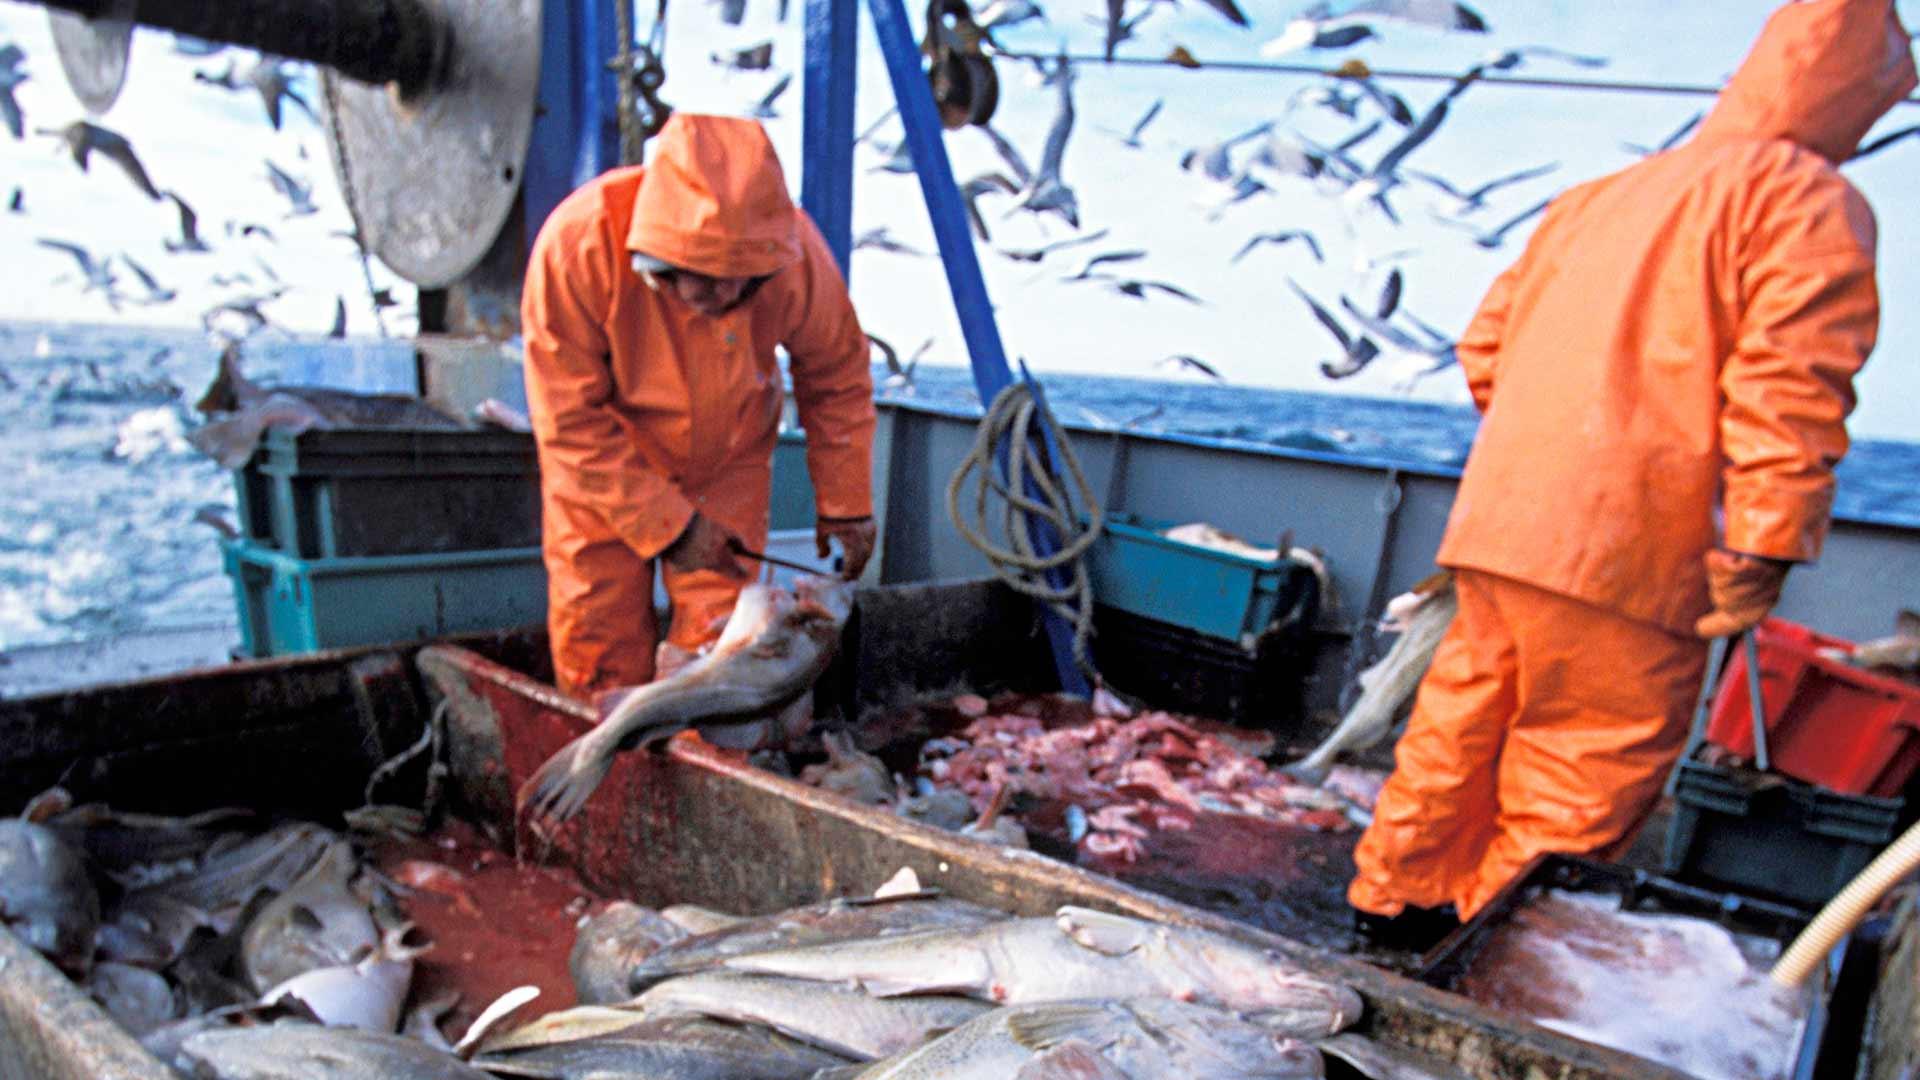 Kun kalajäte vähenee, merilinnuilta häviää helppo sapuska.